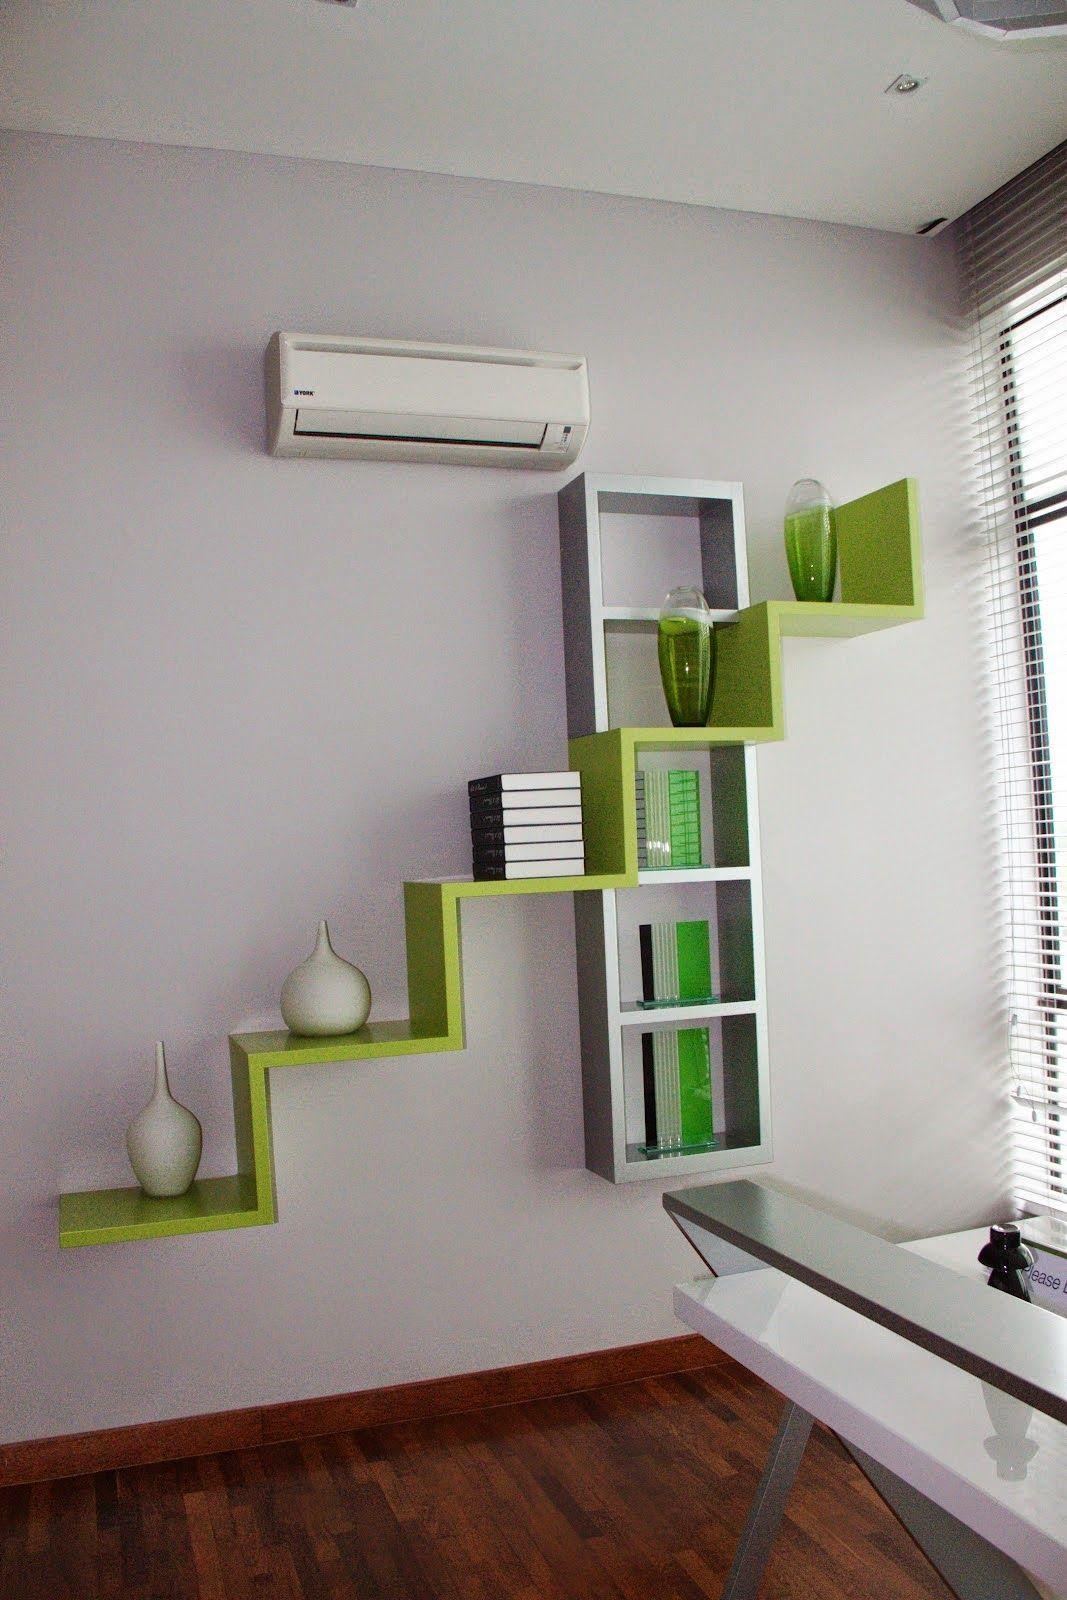 Desain Hiasan Dinding Rumah Minimalis Modern 5 Jpg 1 067